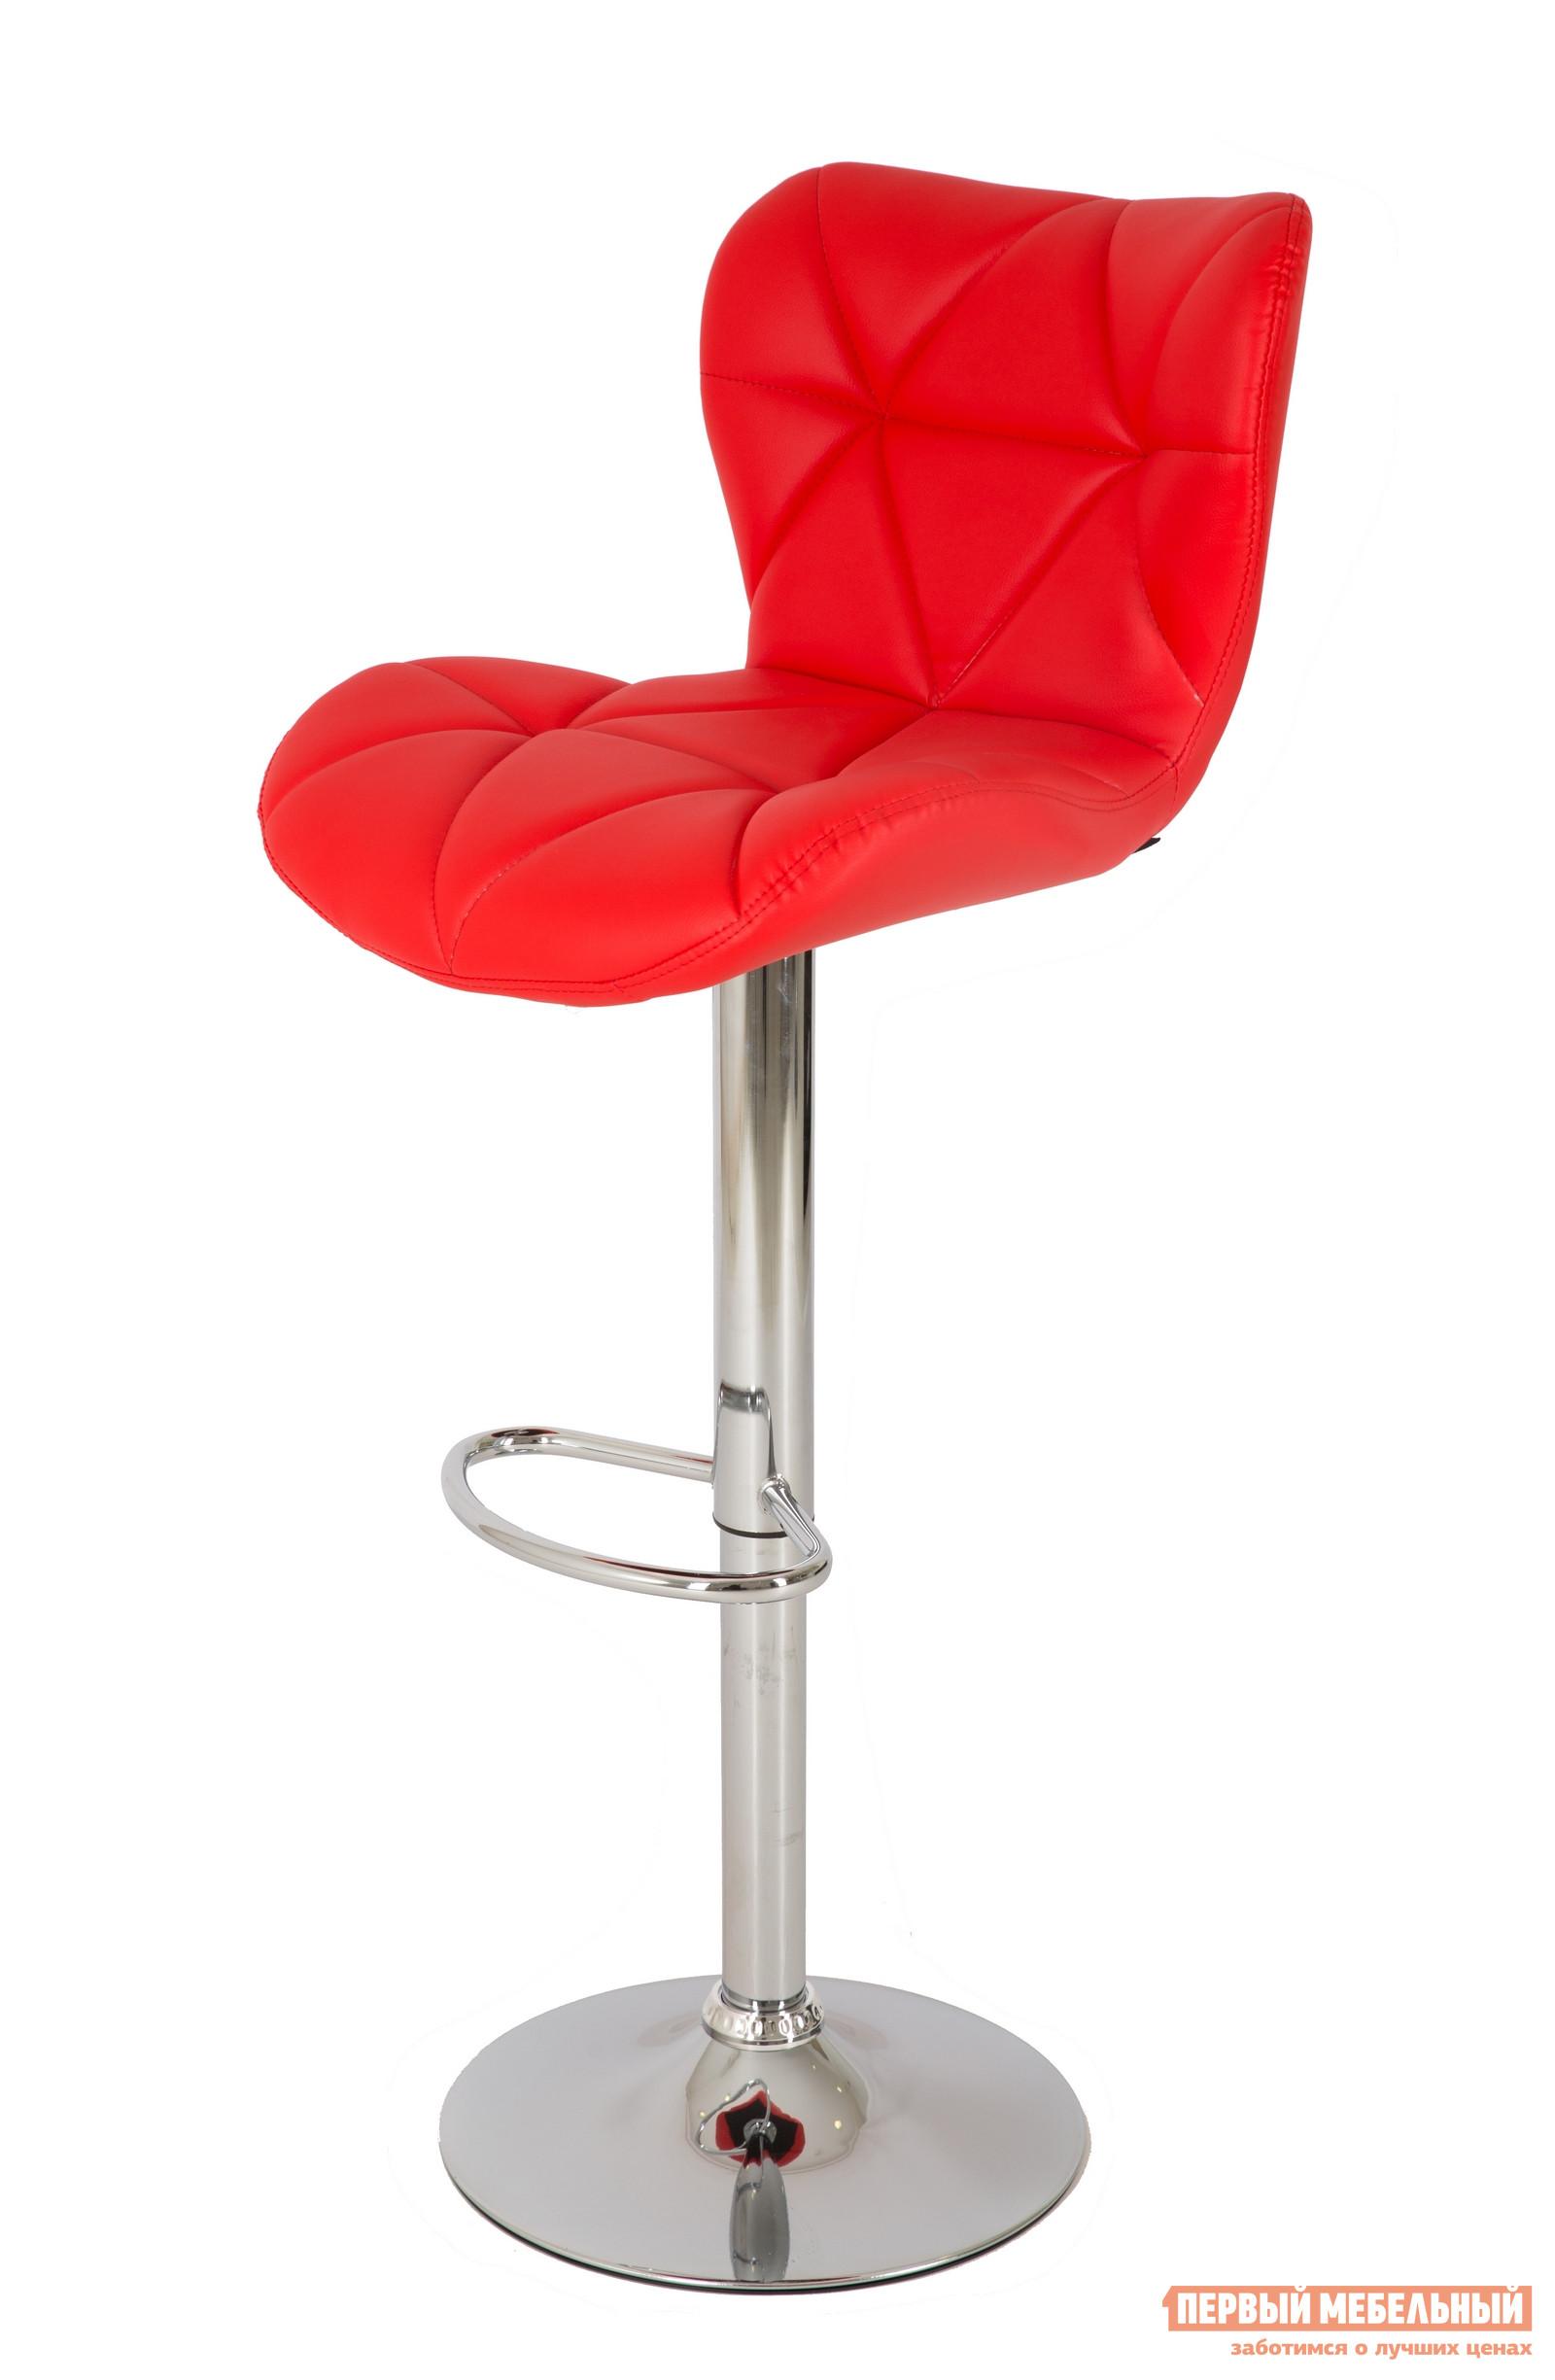 Барный стул Бентли Трейд JY-1008 табурет бентли трейд st 800